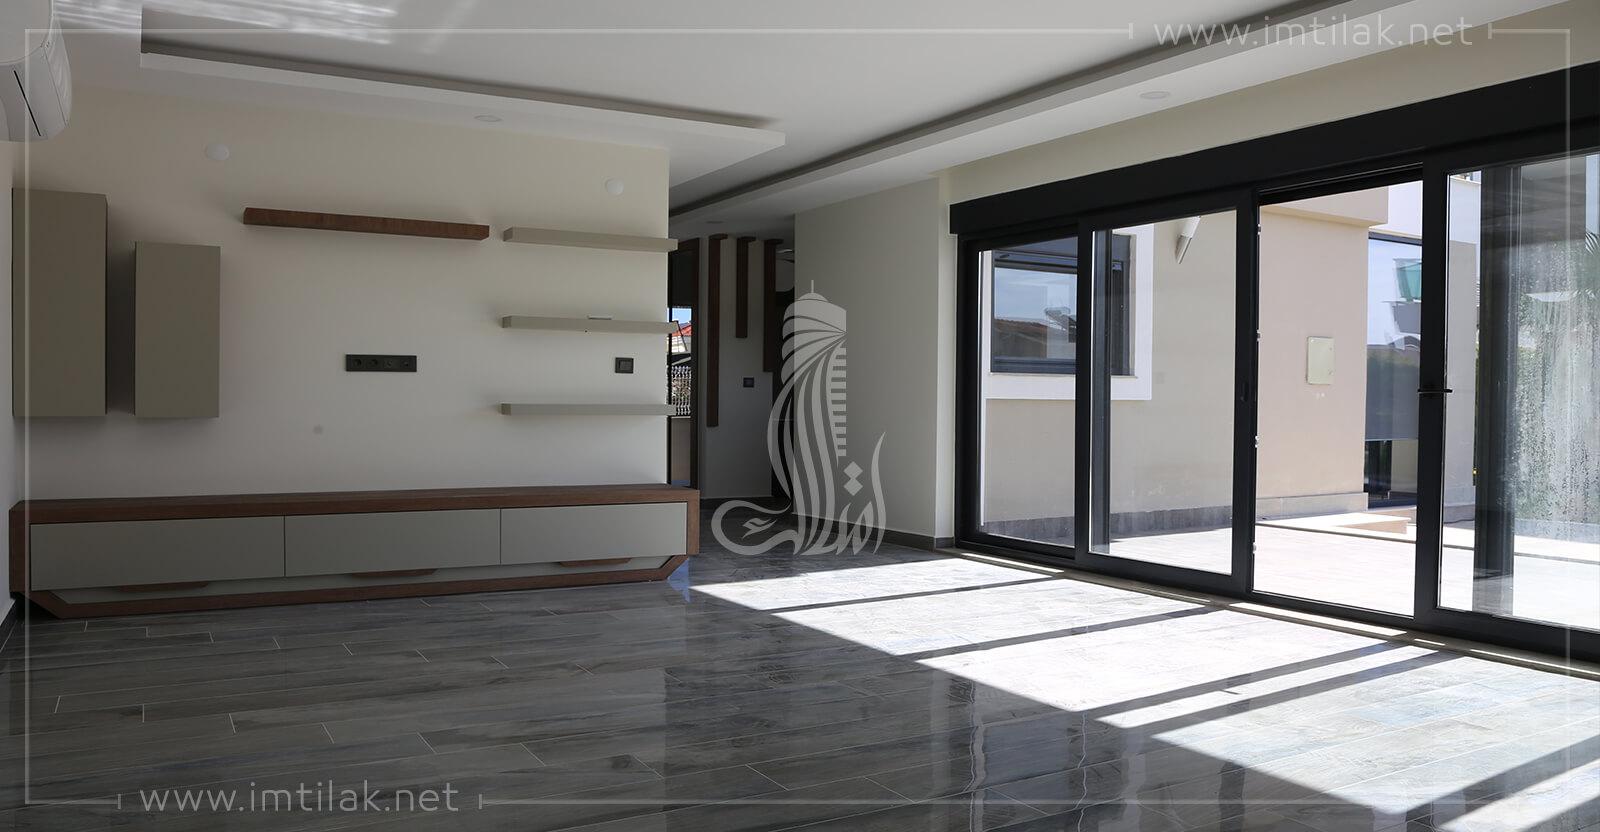 فيلا القادرية  IMT - 781